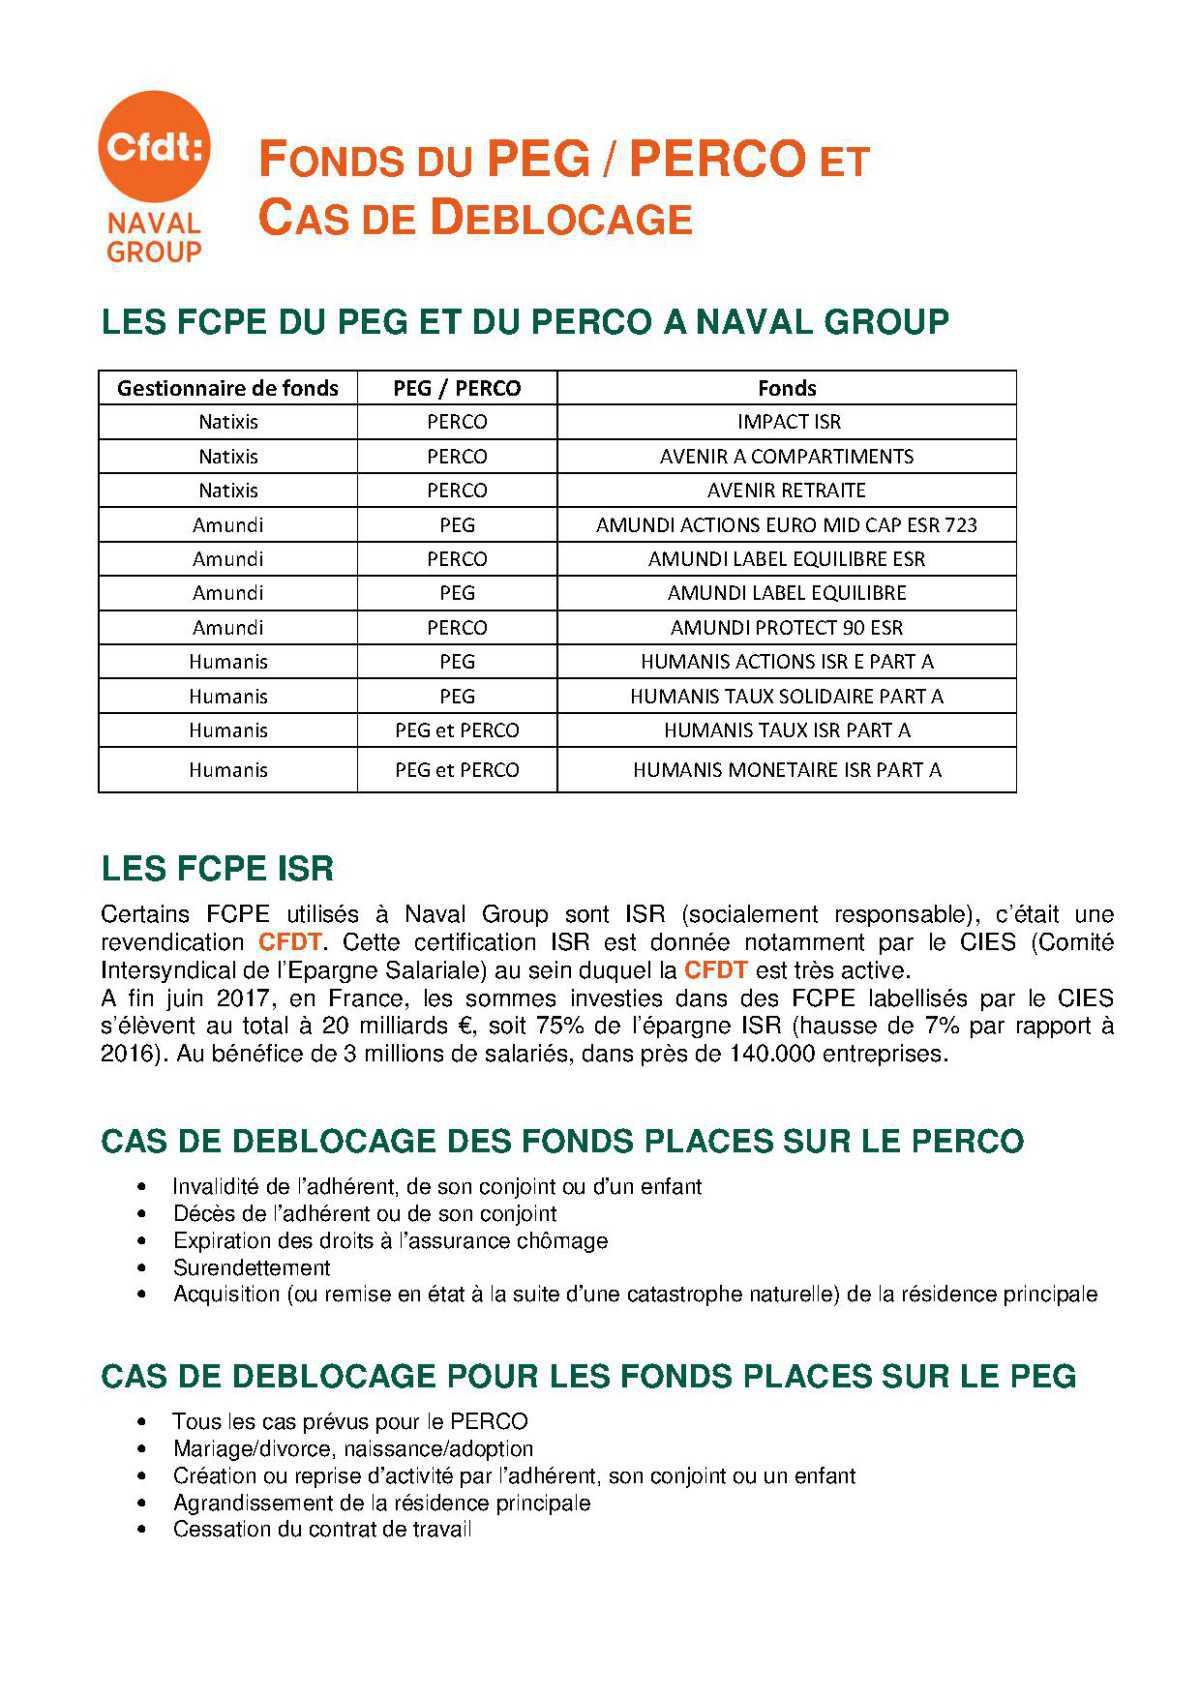 Les FCPE et les cas de déblocage du PEG et du PERCO